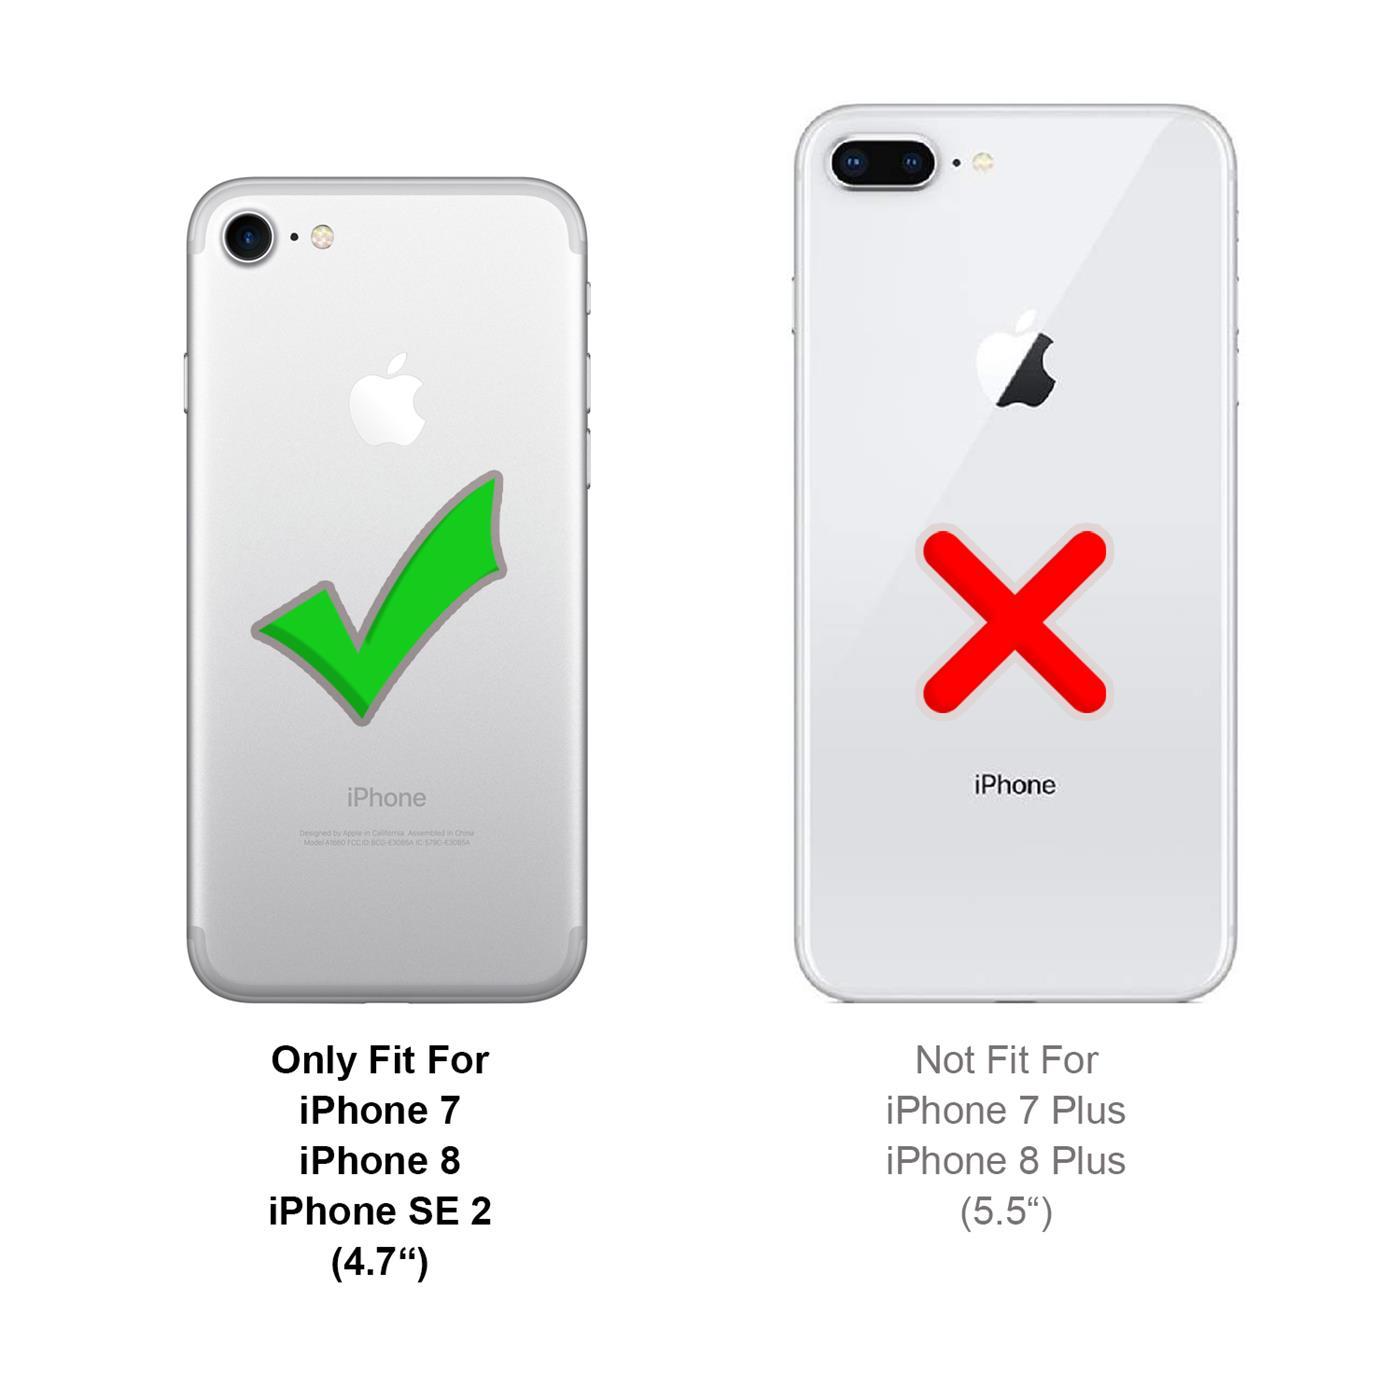 Slim-Cover-Schutzhuelle-Apple-iPhone-Handy-Schutz-Tasche-Huelle-Glas-Panzer-Folie Indexbild 18